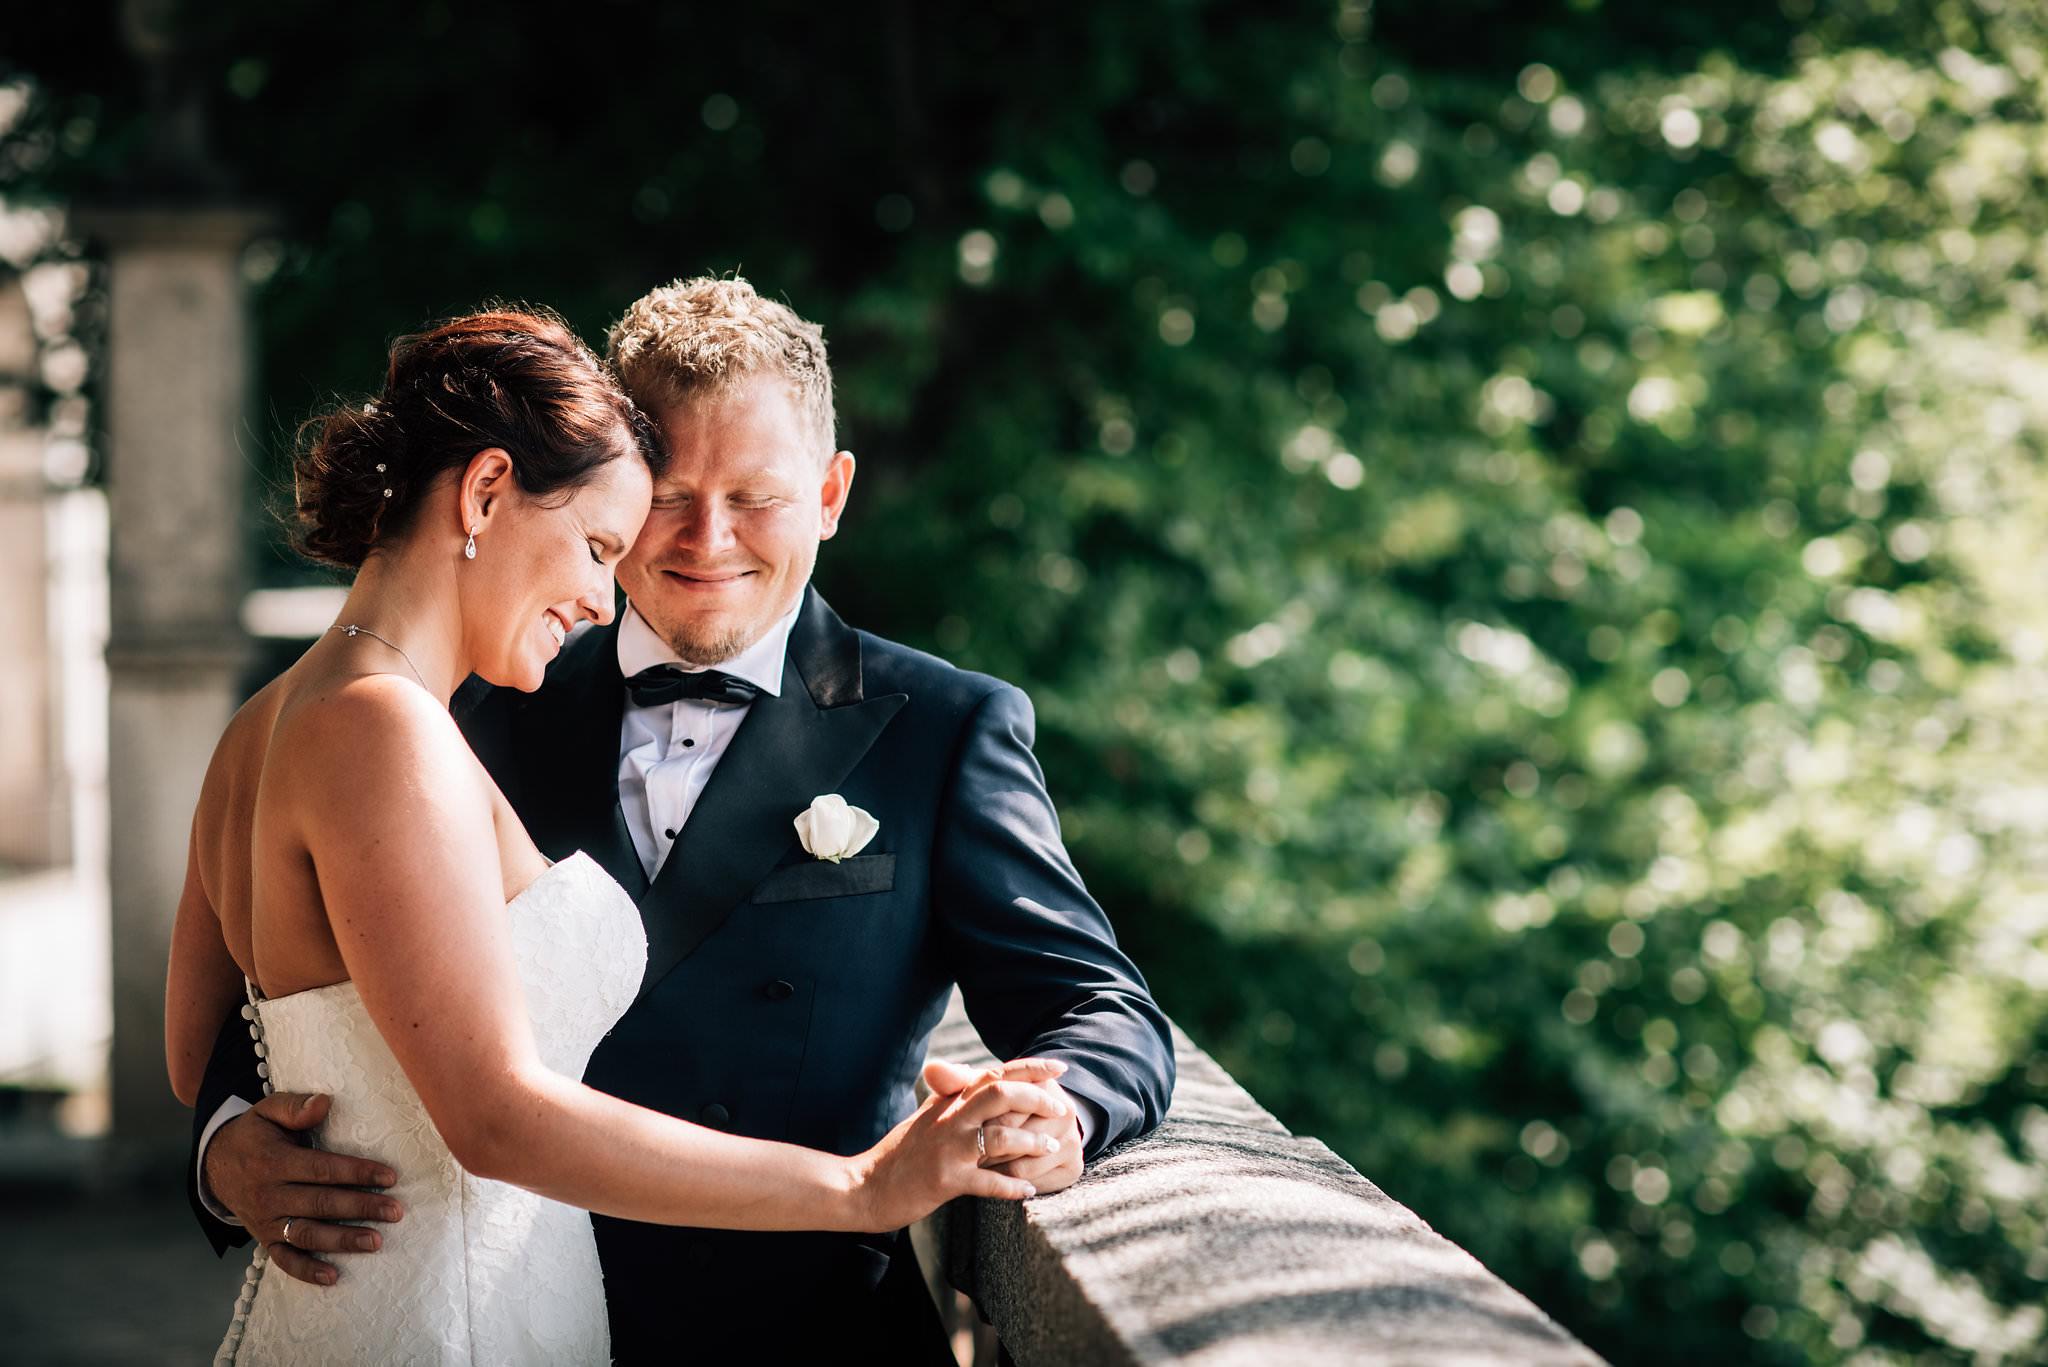 _N854967-fotograf-italia-bryllup.jpg